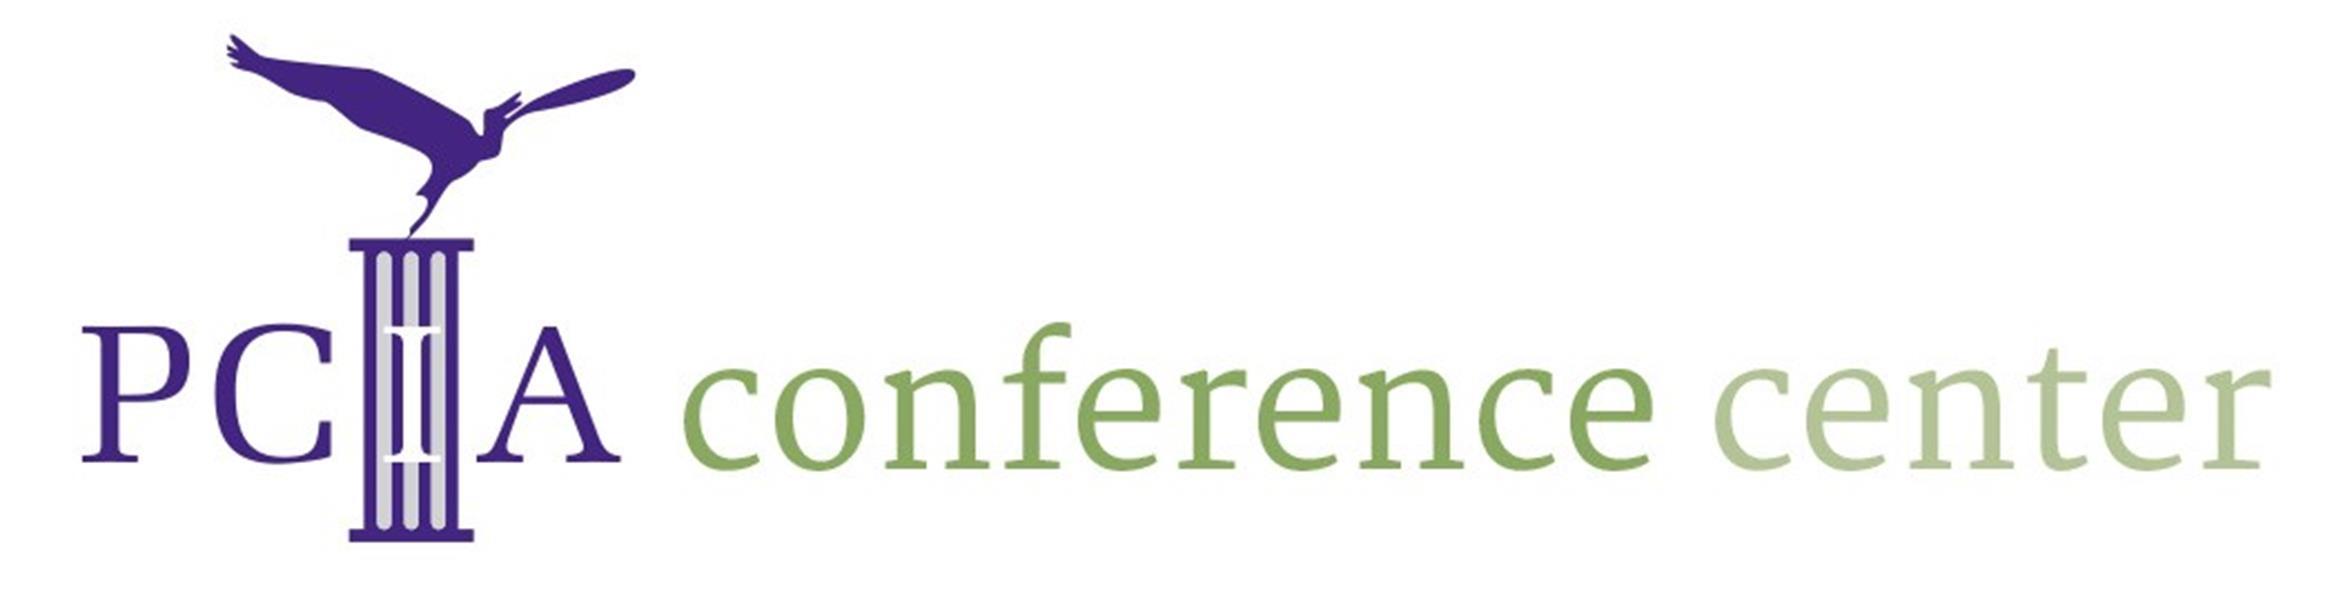 PCIA Conference Center